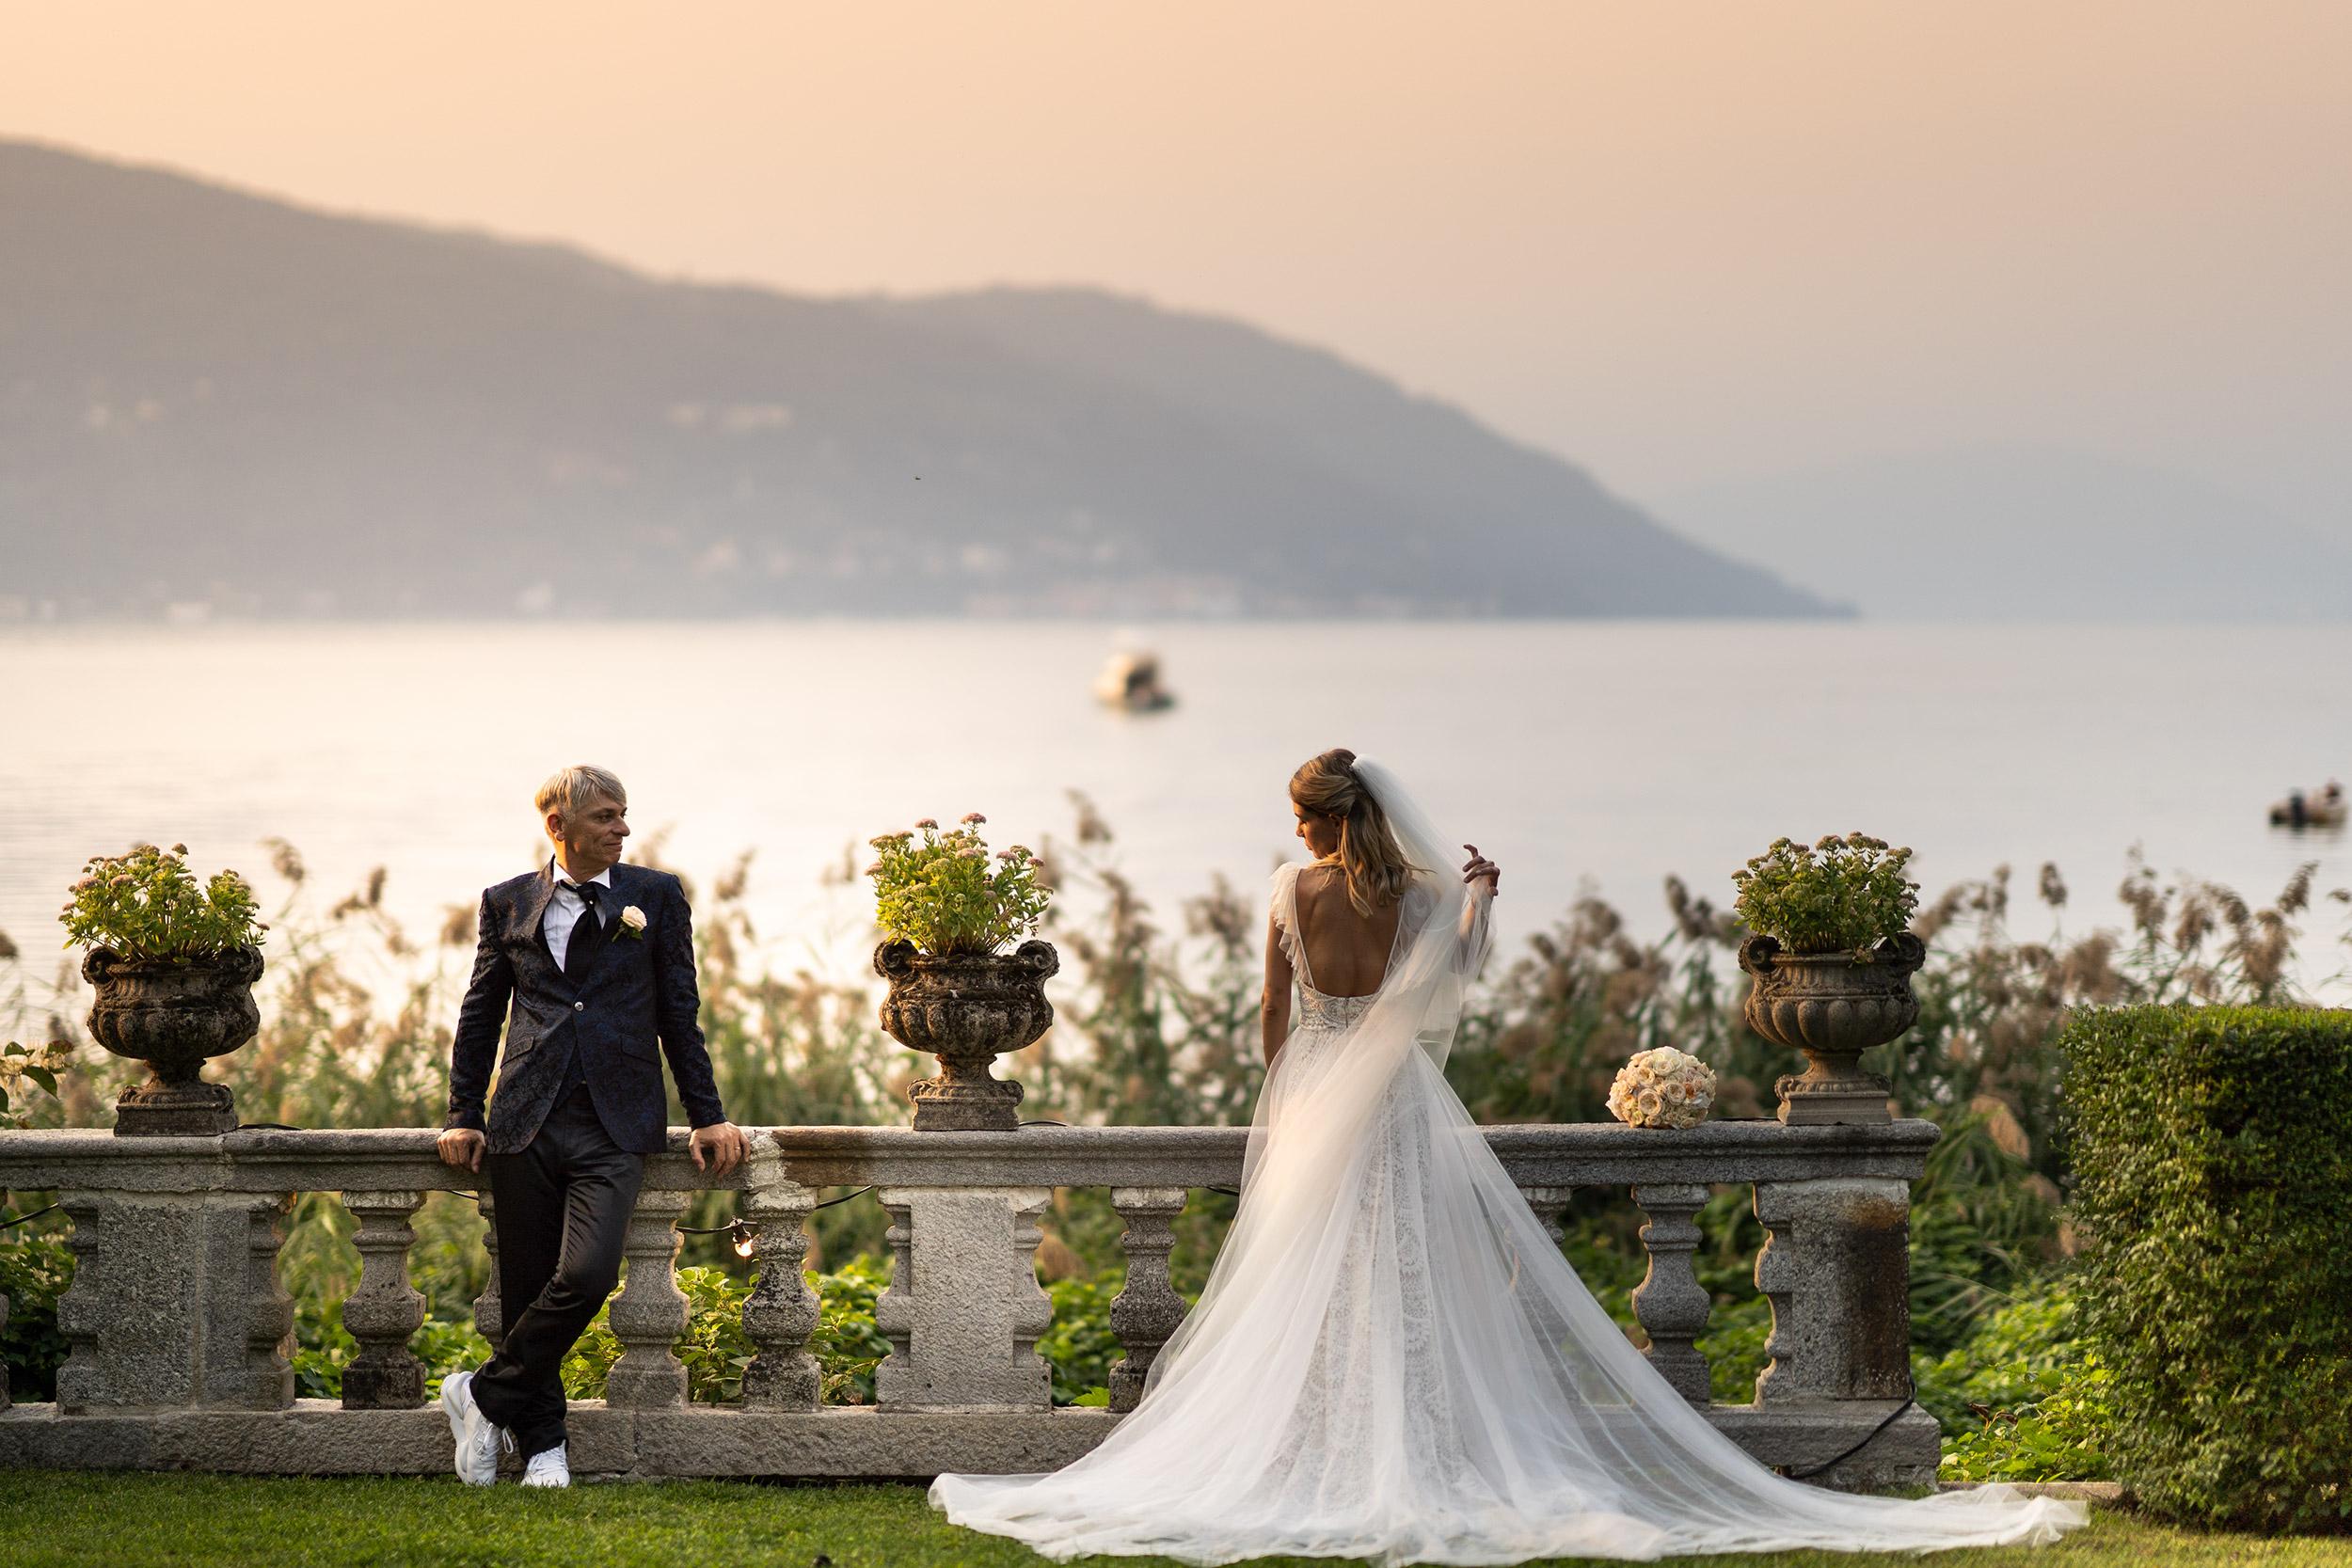 000 reportage sposi foto matrimonio wedding villa rocchetta lago maggiore 1